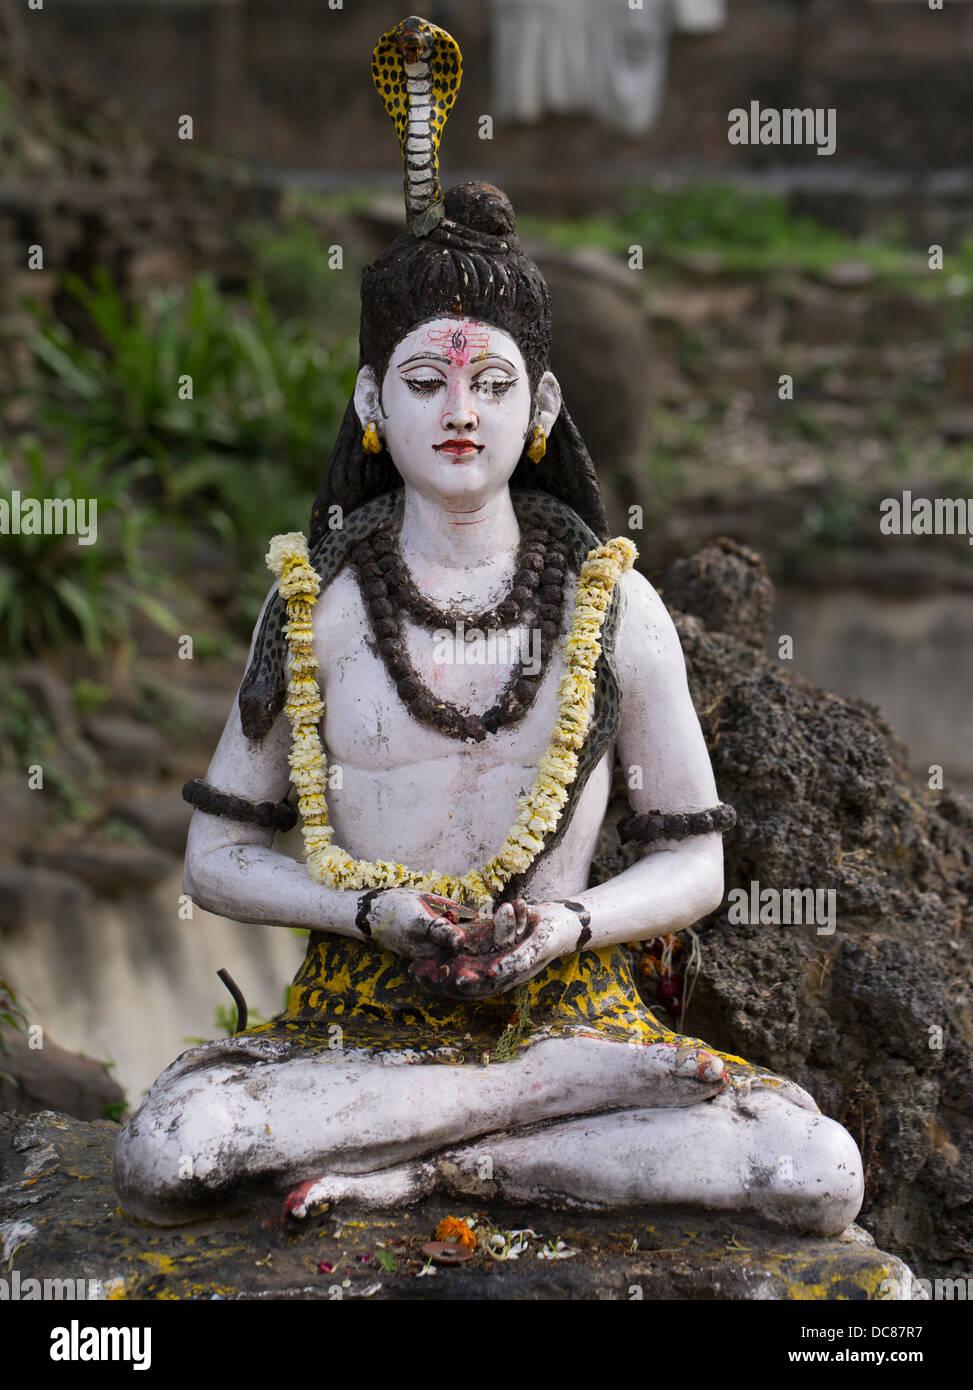 Statua del Signore Shiva, divinità Indù - La vita sulle rive del Gange Fiume - Varanasi, India Immagini Stock